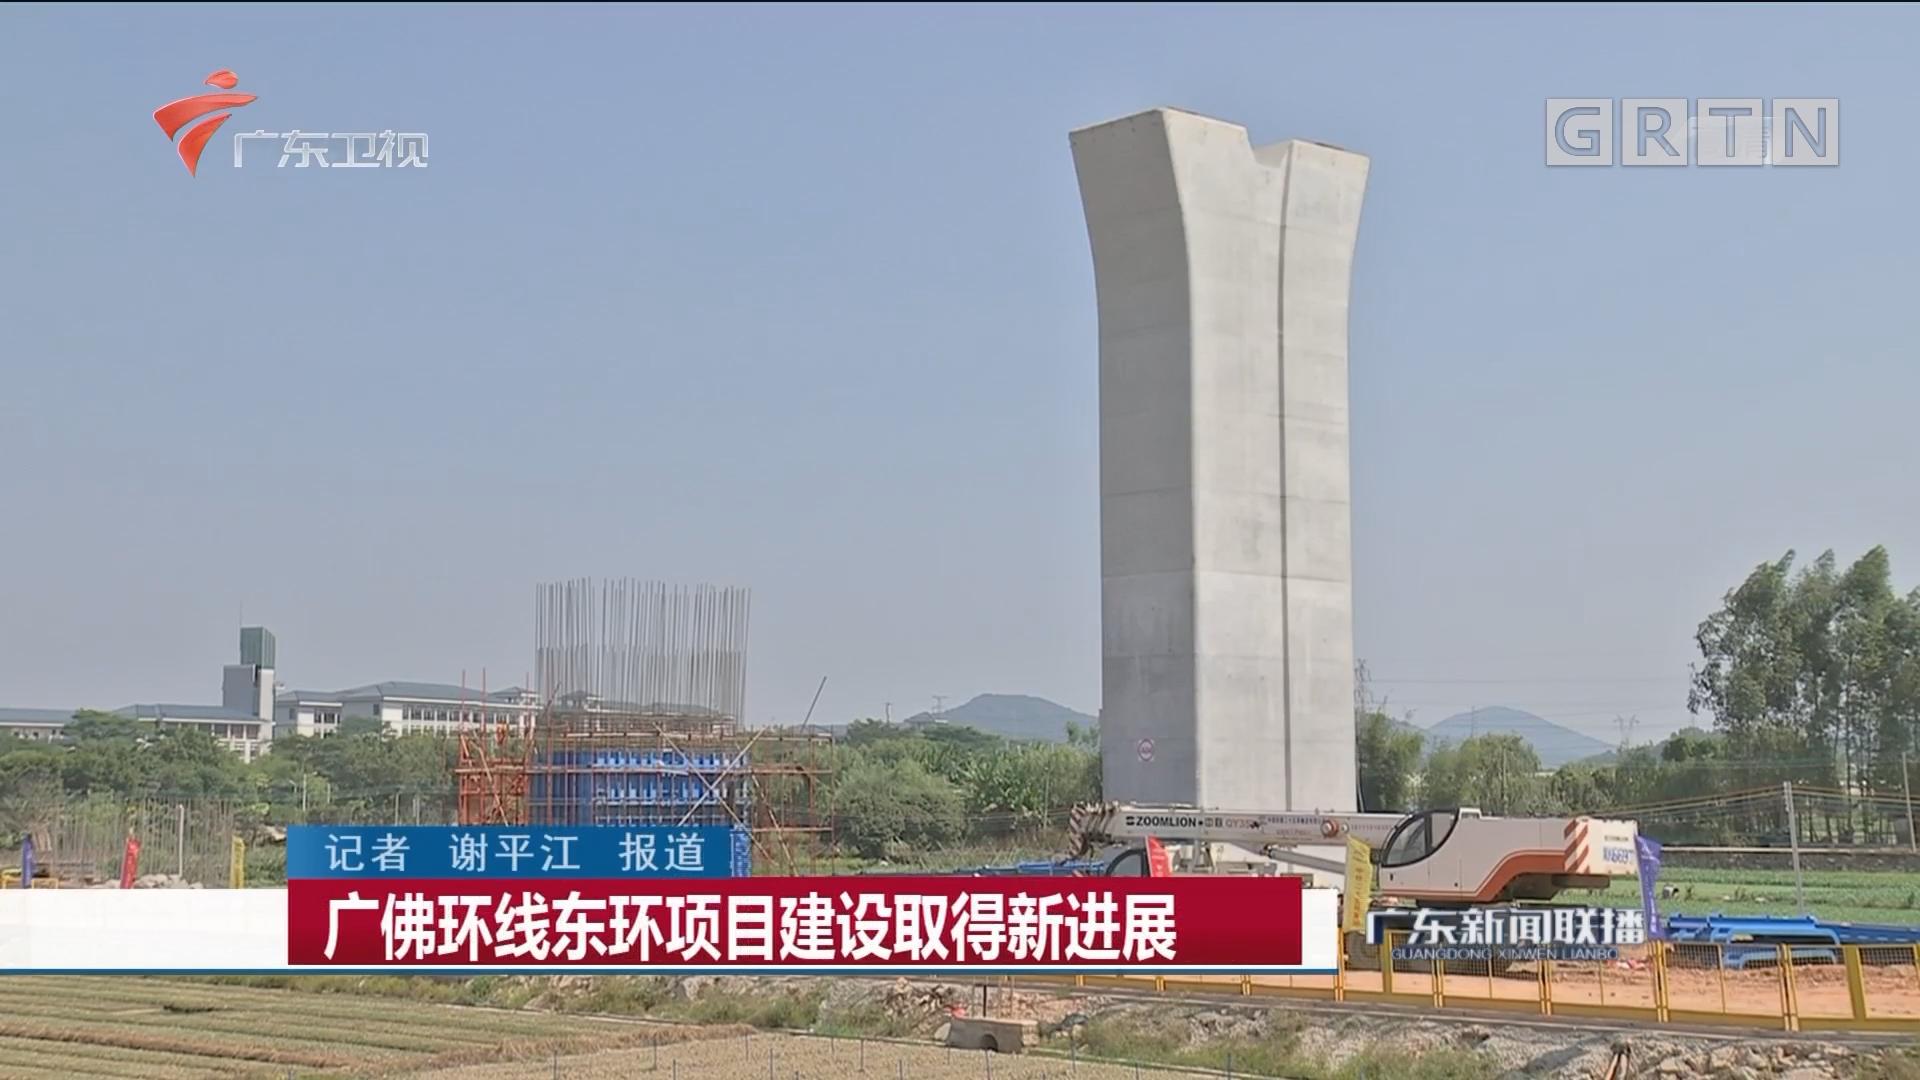 广佛环线:广州南至白云机场段首座桥墩建成